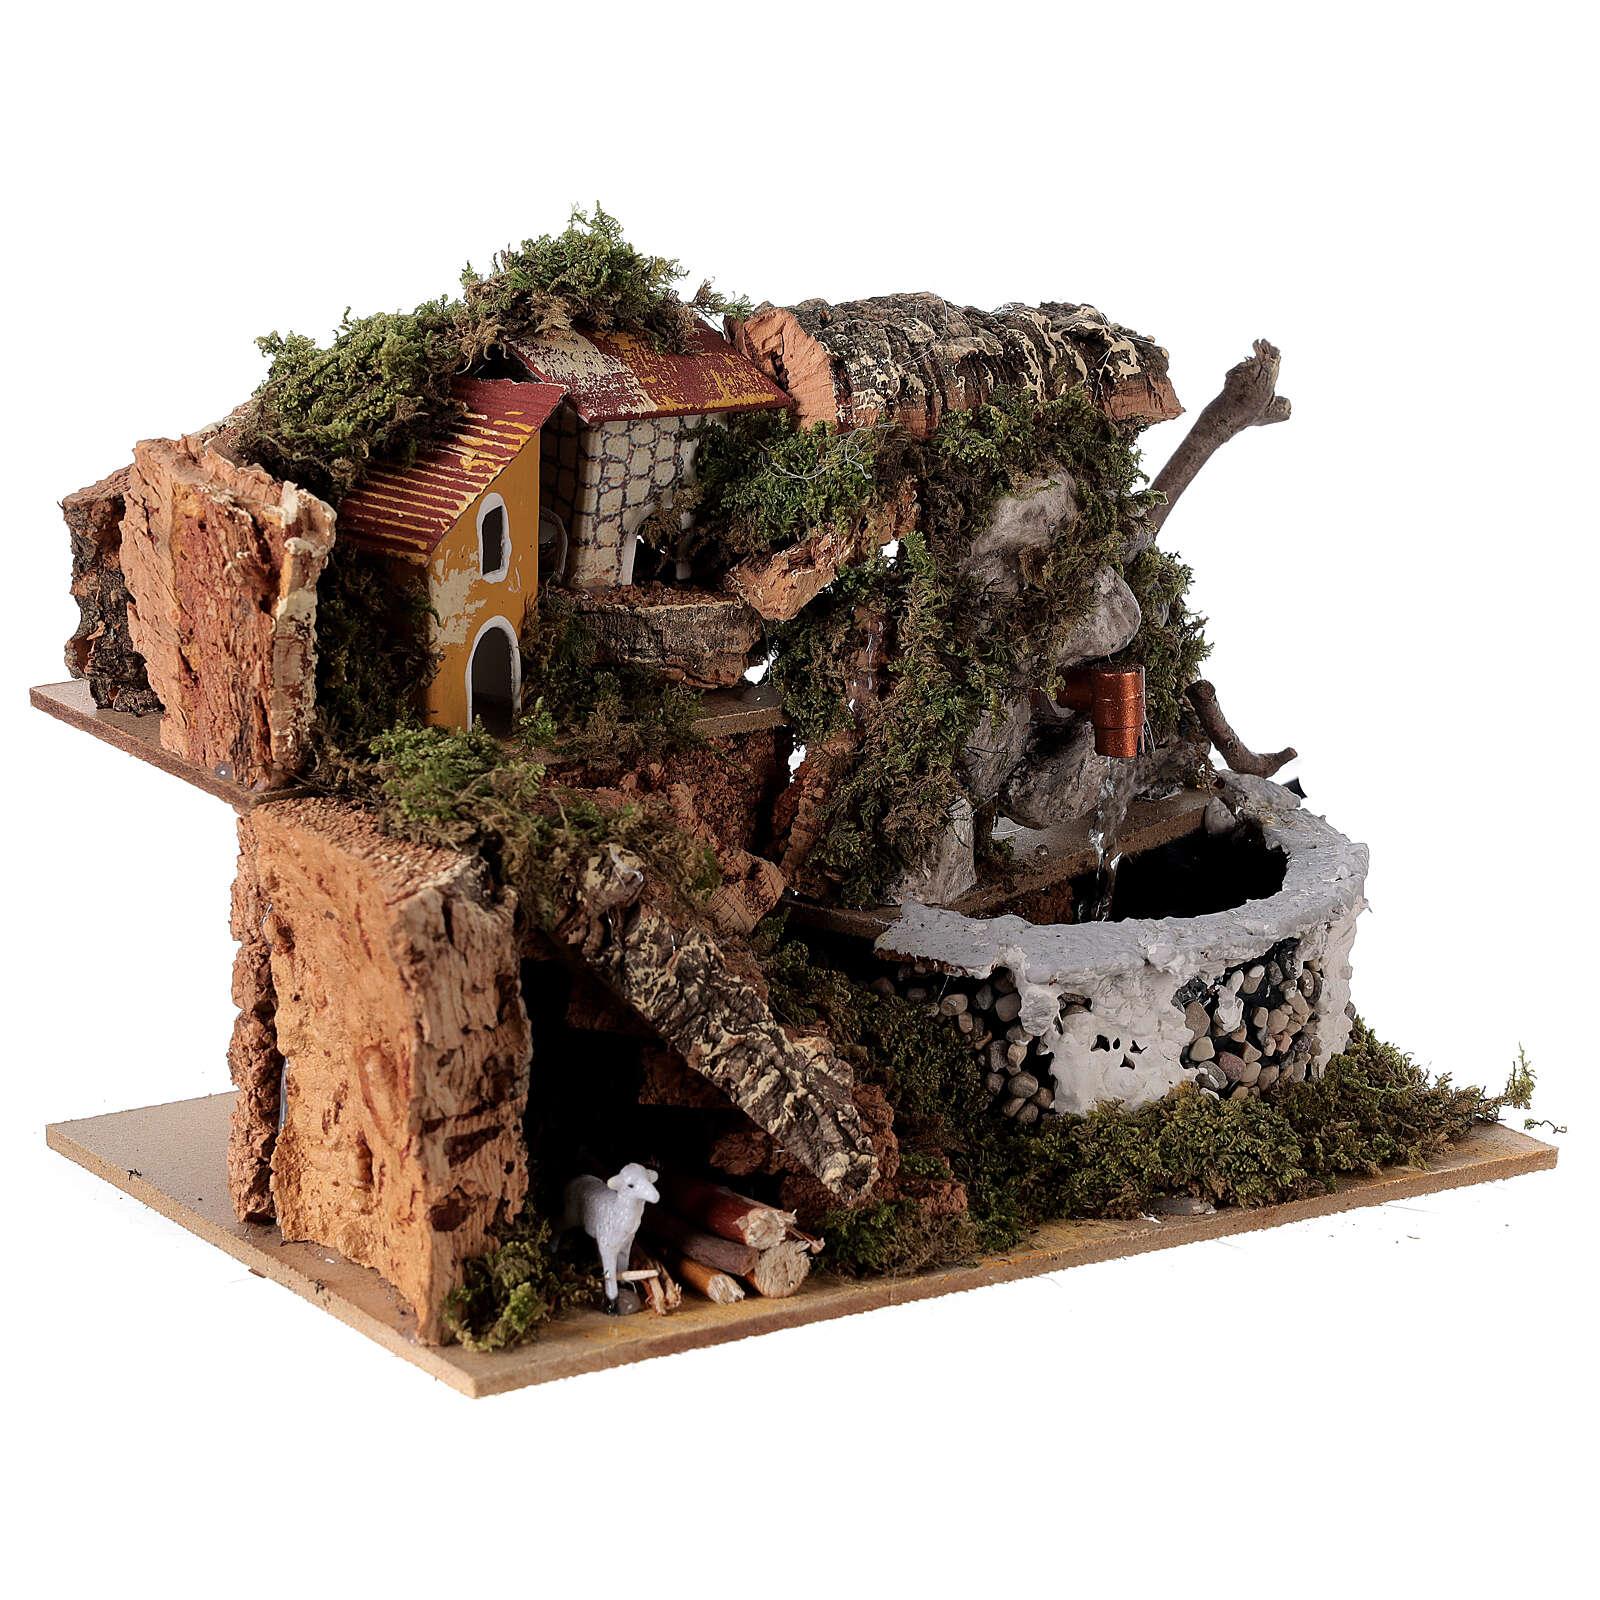 Fontaine crèche en pierre 15x20x15 cm pour crèche 8-10 cm 4